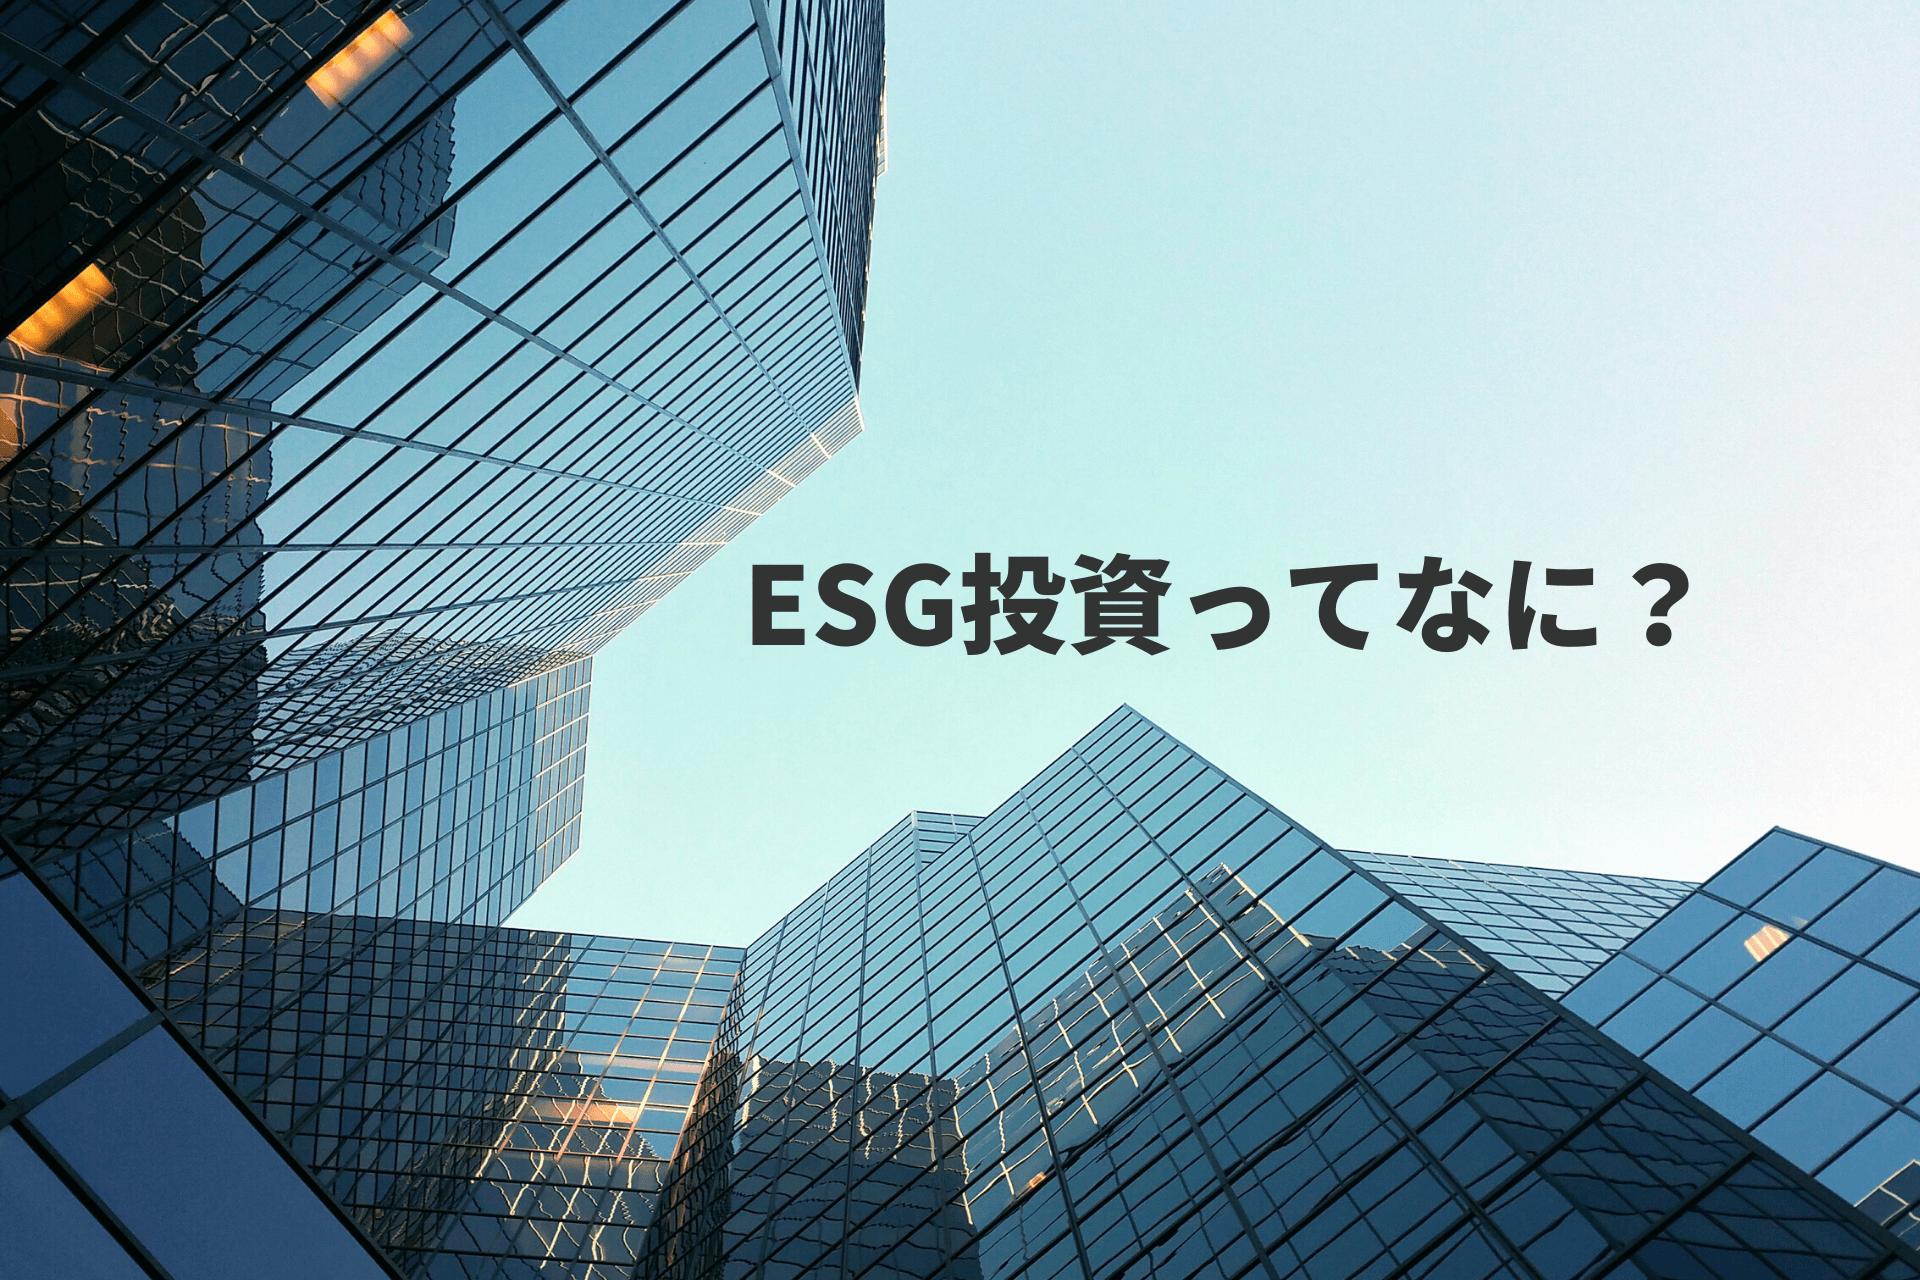 ESG投資とは?わかりやすく解説!